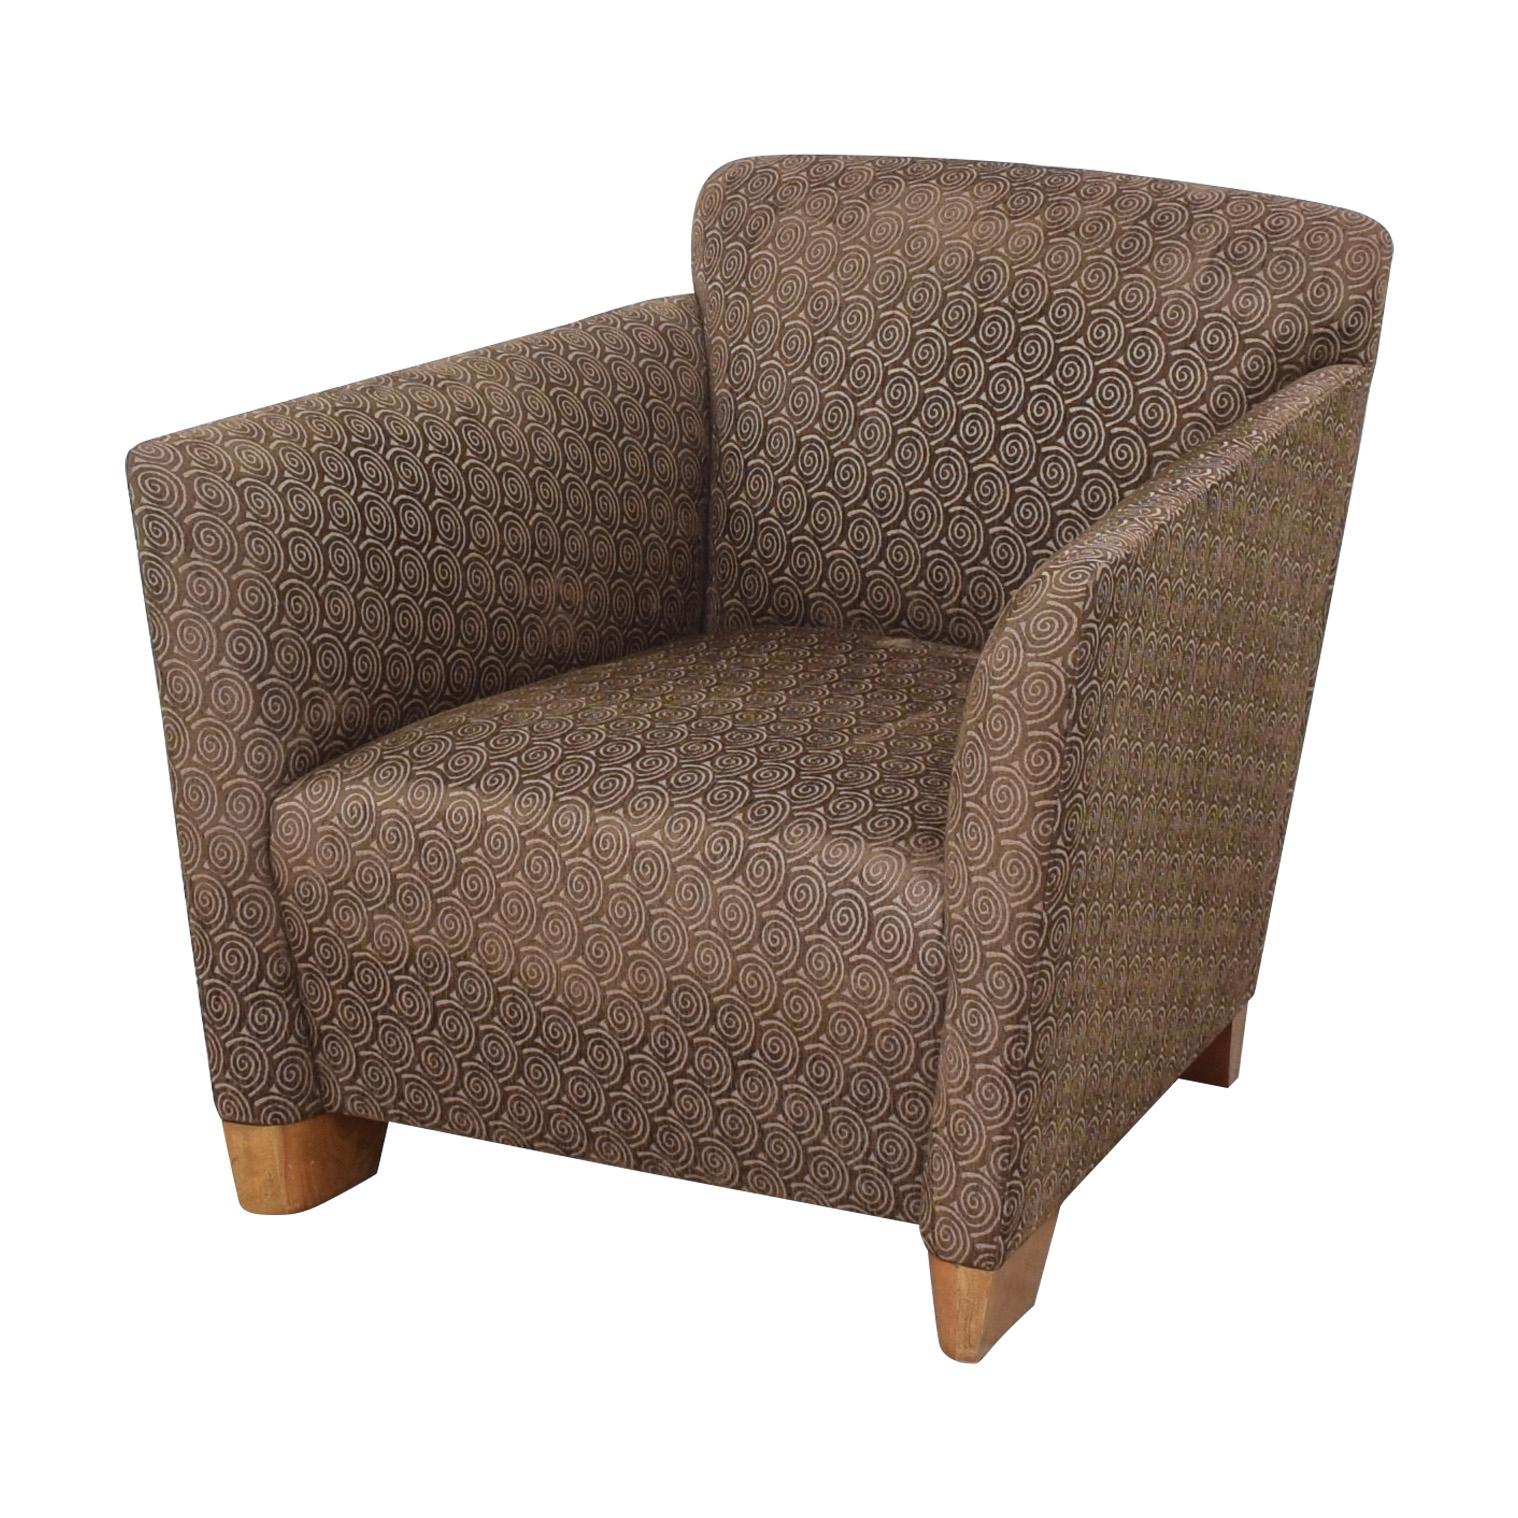 Kravet Kravet Dana Chair on sale